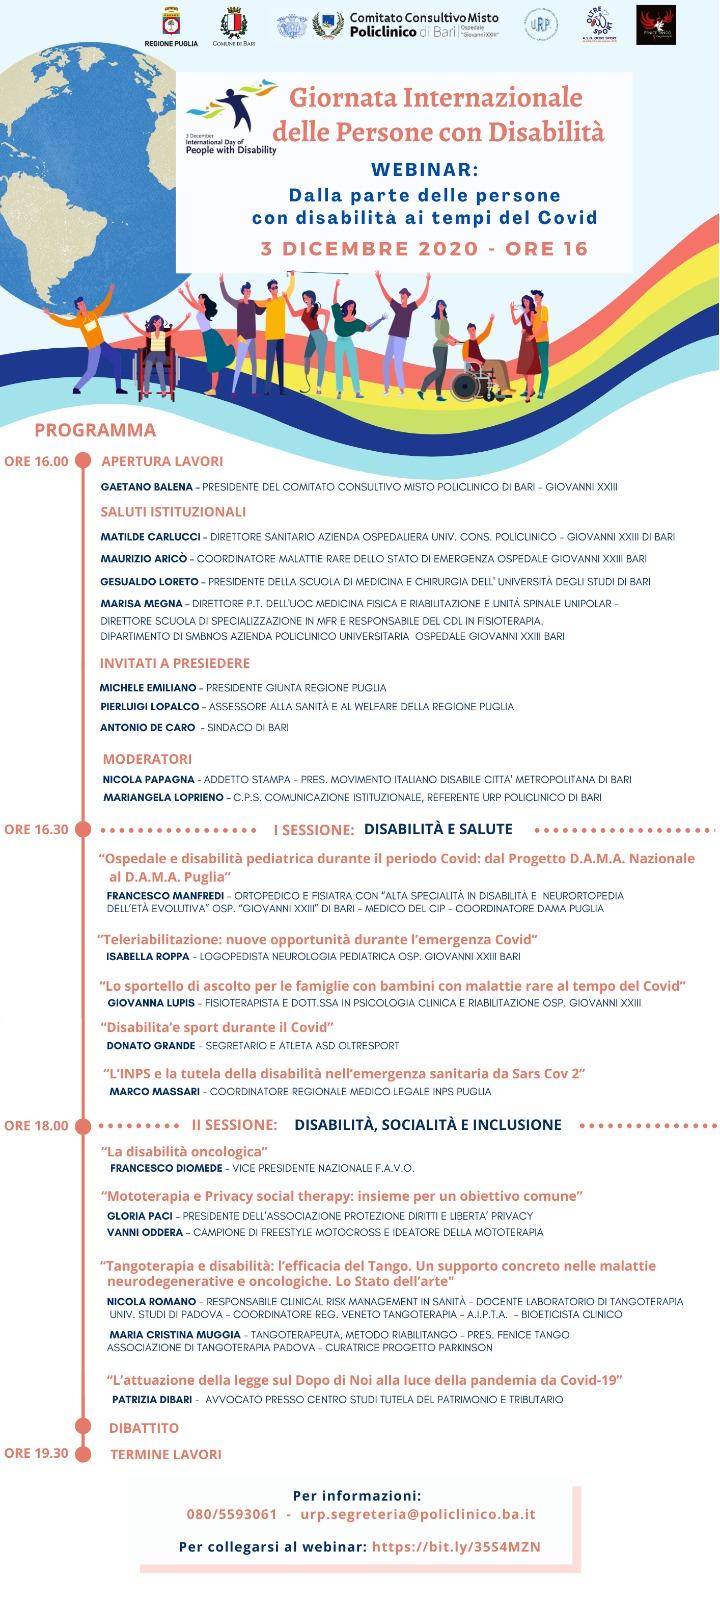 locandina Dalla-parte-delle-persone-con-disabilità-ai-tempi-del-Covid-dicembre-2020